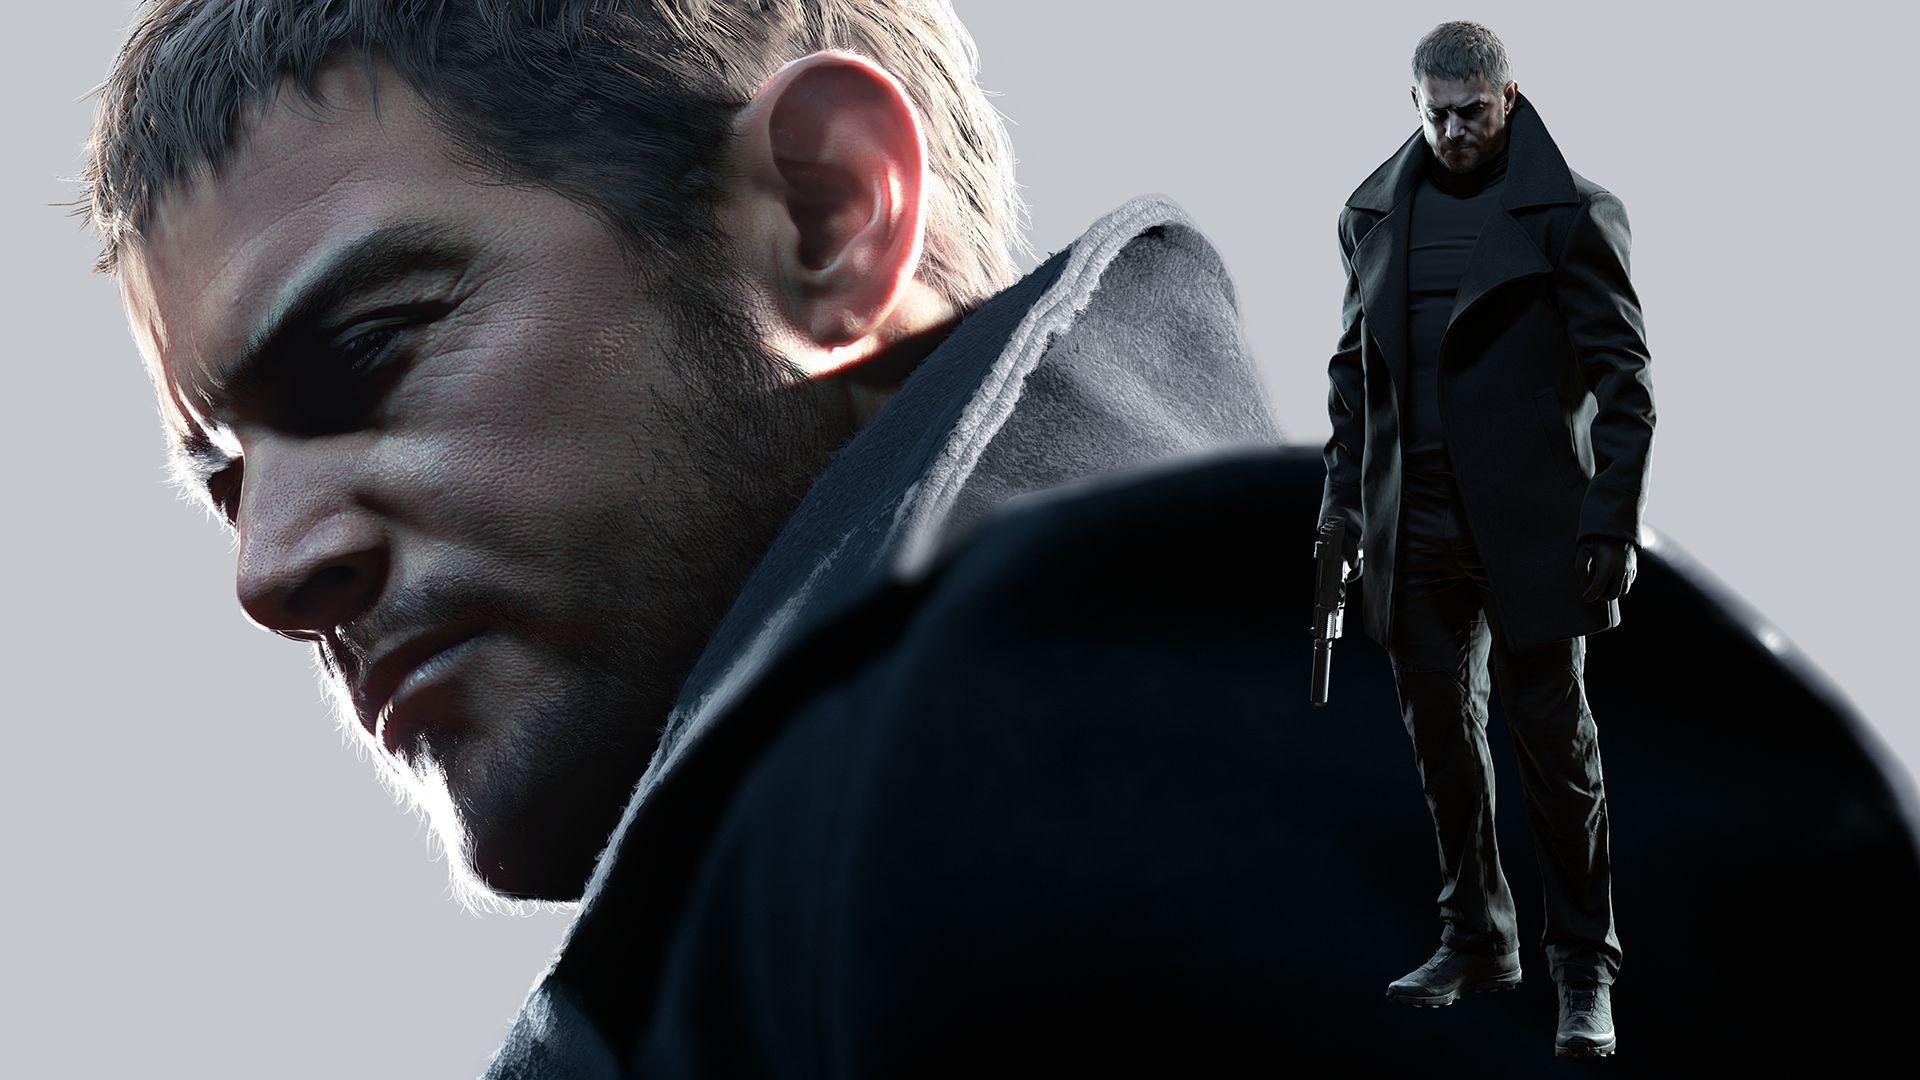 Chris Redfield, de Resident Evil Village, com sobretudo e arma na mão.